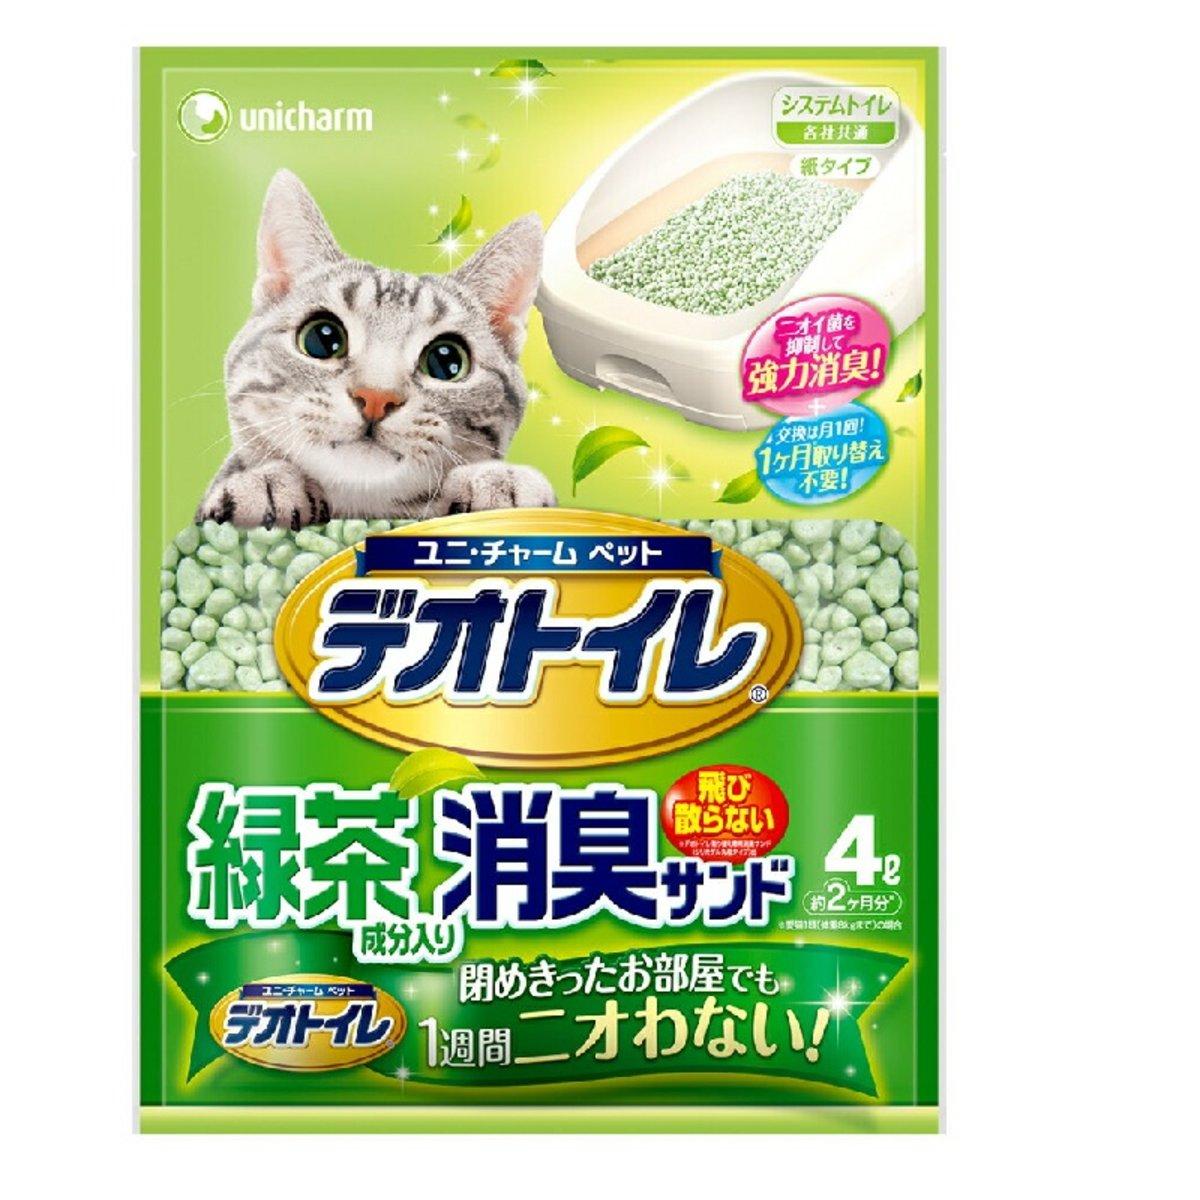 Unicharm尤妮佳 綠茶成份強力消臭紙砂(綠) #綠茶香 4L